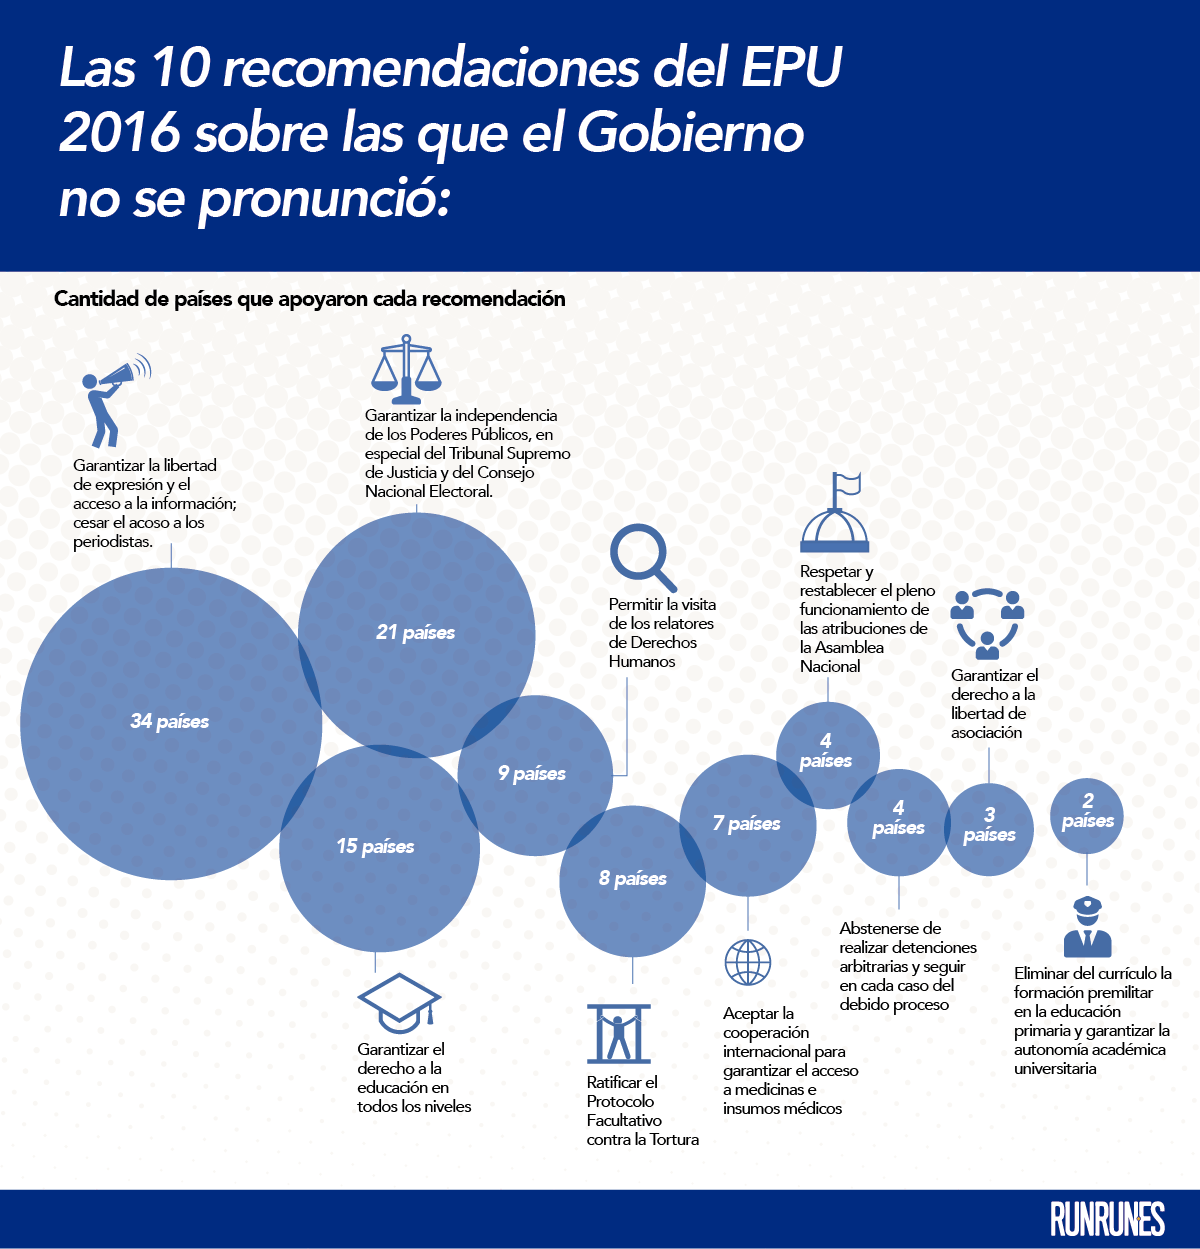 epu-recomendaciones-pendientes